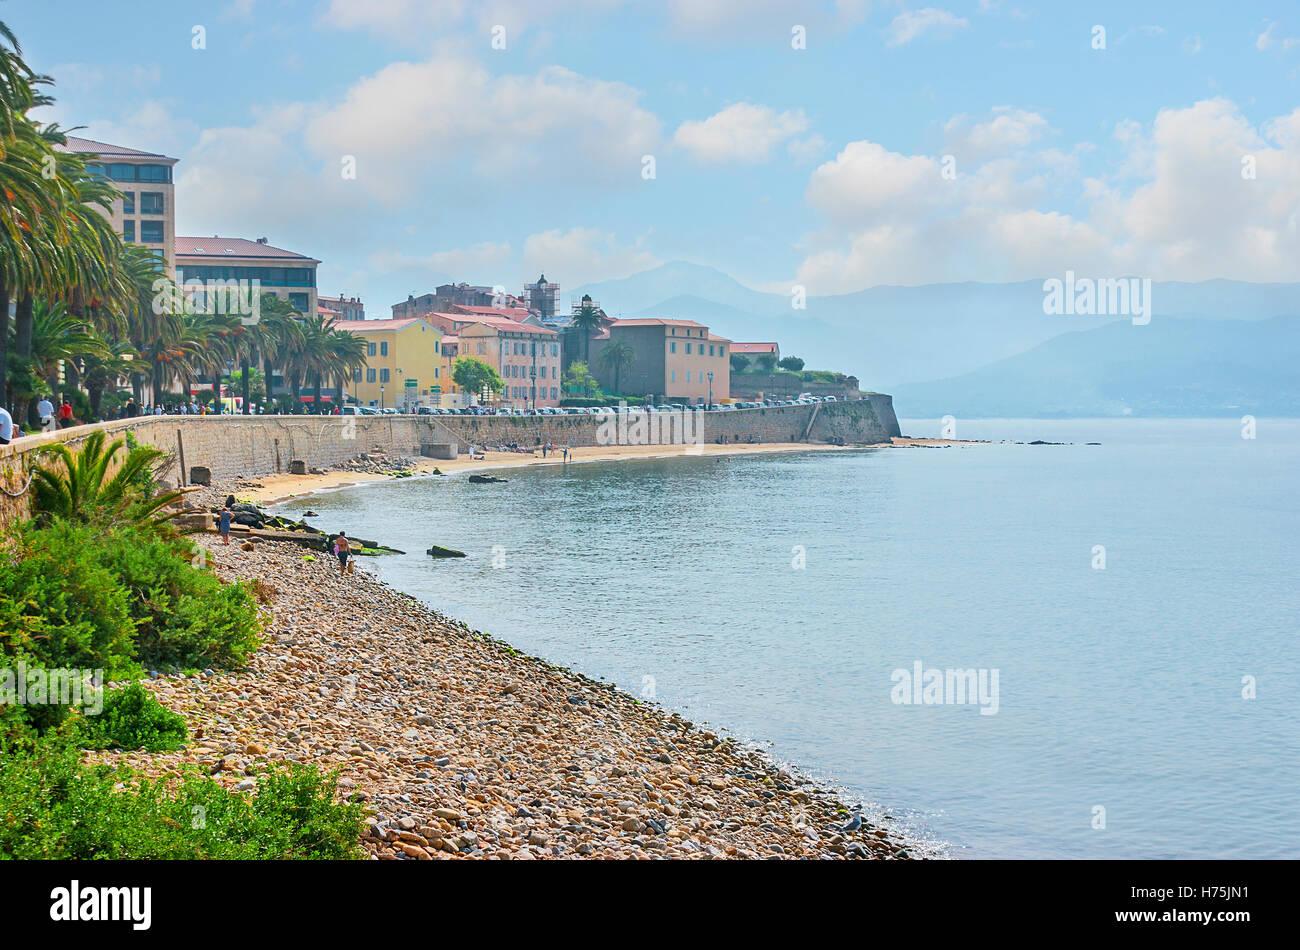 L'agréable promenade le long de la côte d'Ajaccio, l'une des plus belles stations balnéaires Photo Stock